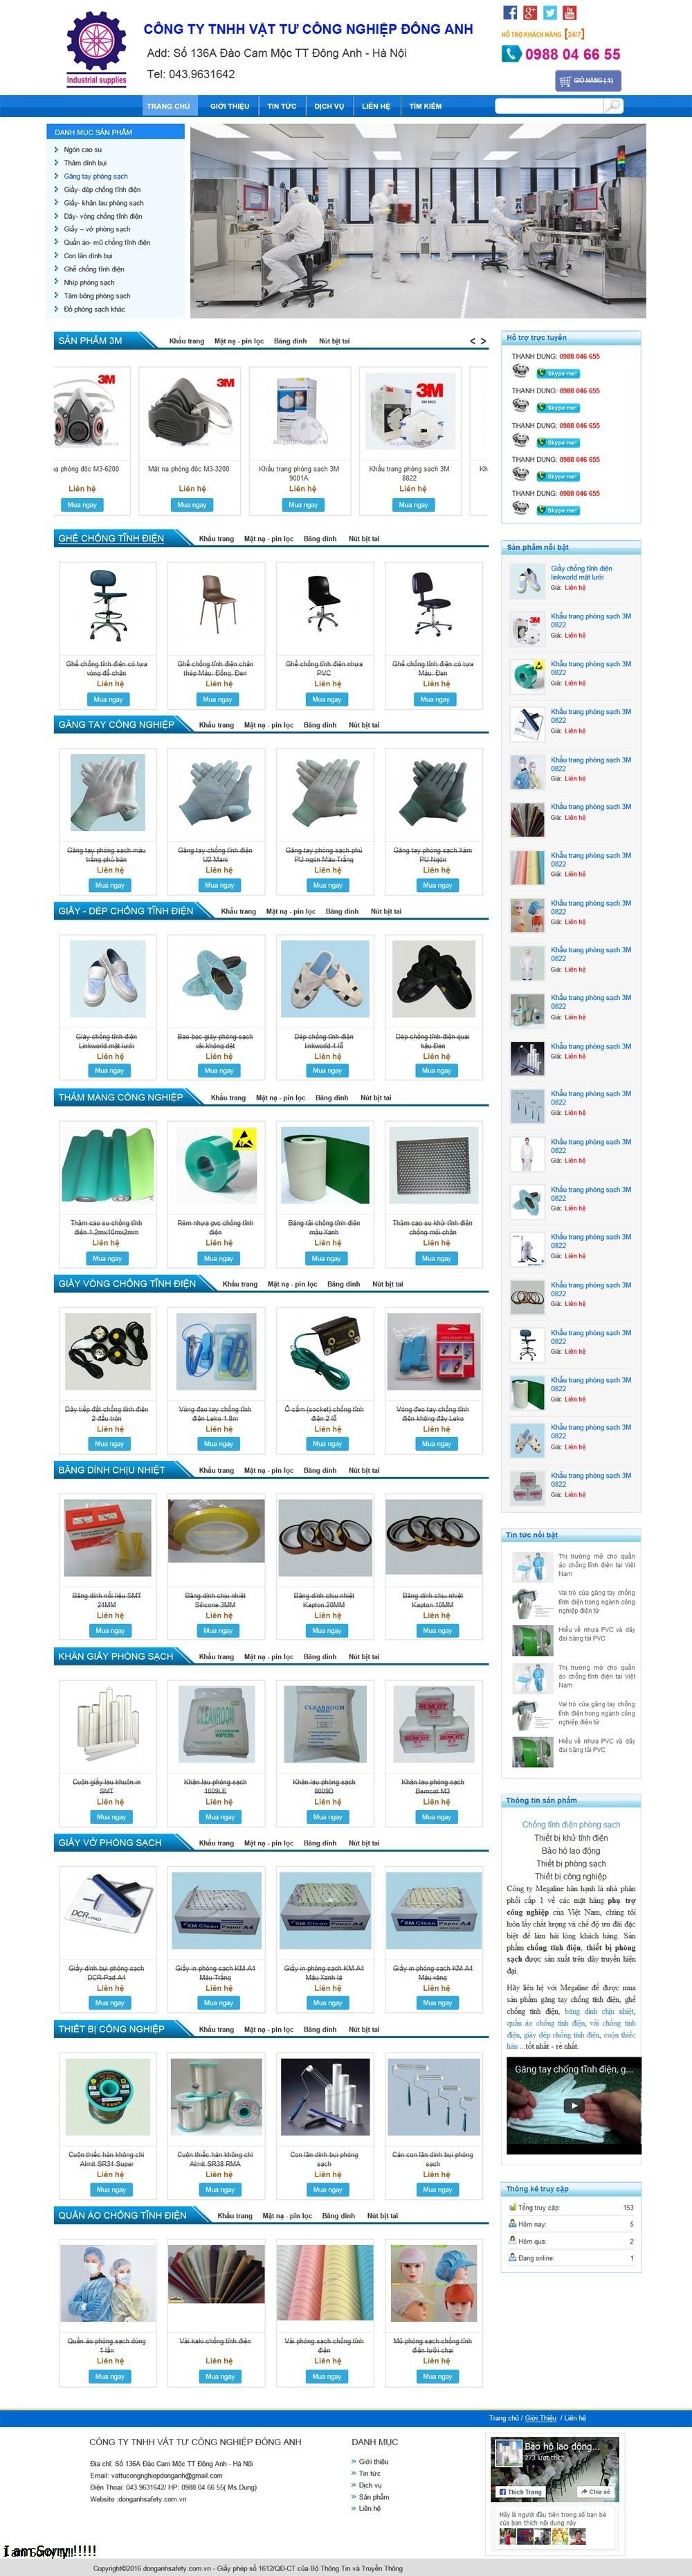 Thiết kế web đồ bảo hộ lao động, quần áo bảo hộ Dong Anh